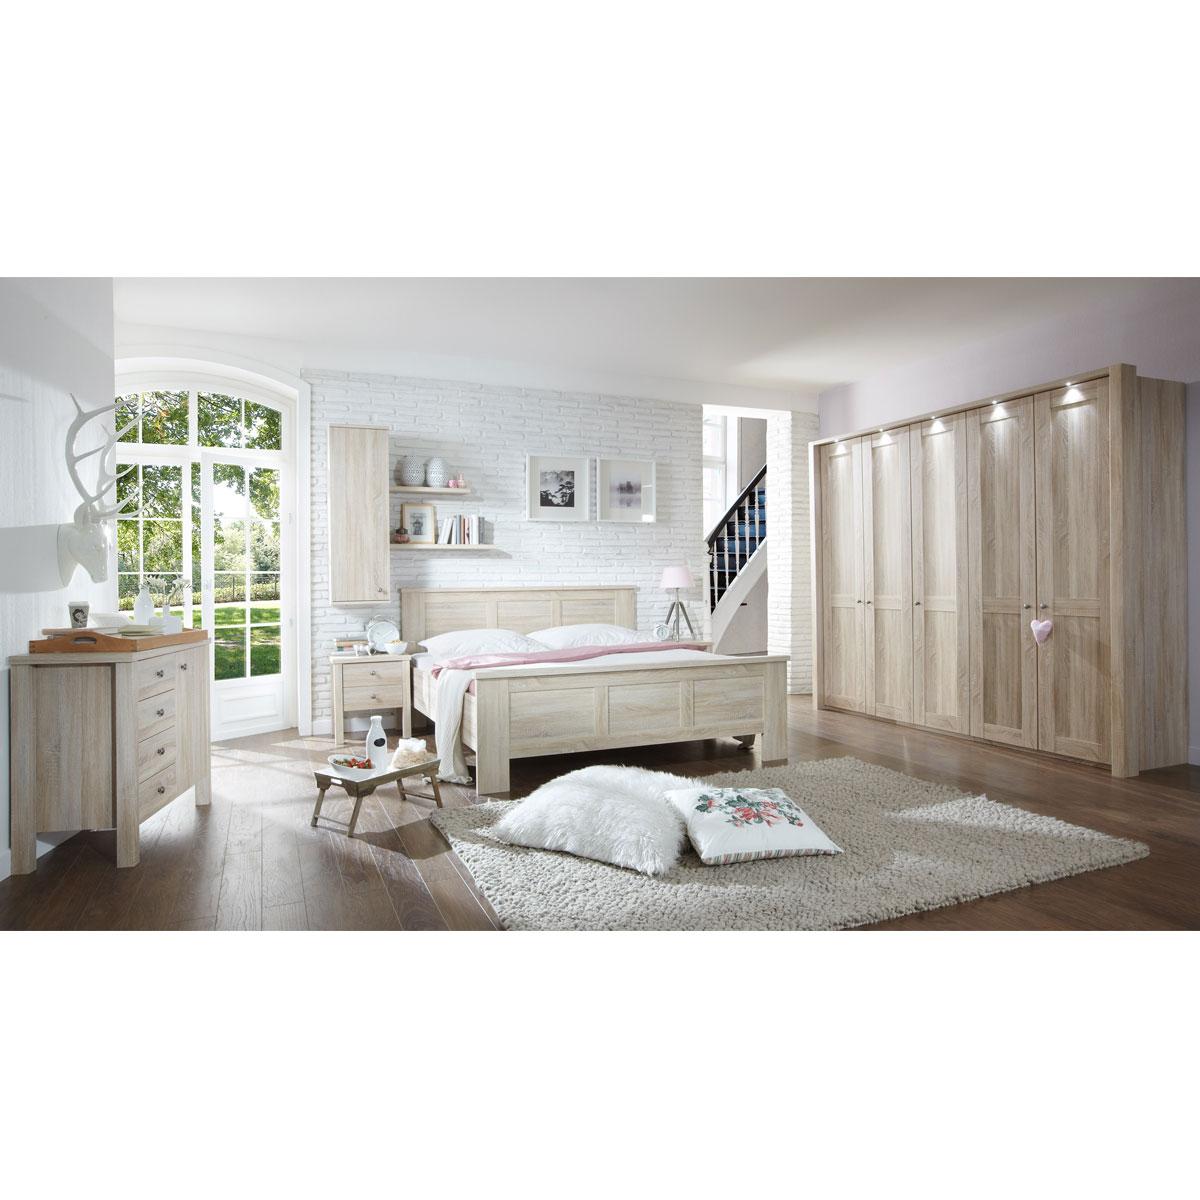 Wiemann Bergamo Schlafzimmer-Kombination 6-teilig bestehend aus  Kleriderschrank 5-türig sowie Bett mit Liegeflächen von ca. 180 x 200 cm  inklusive 2 ...